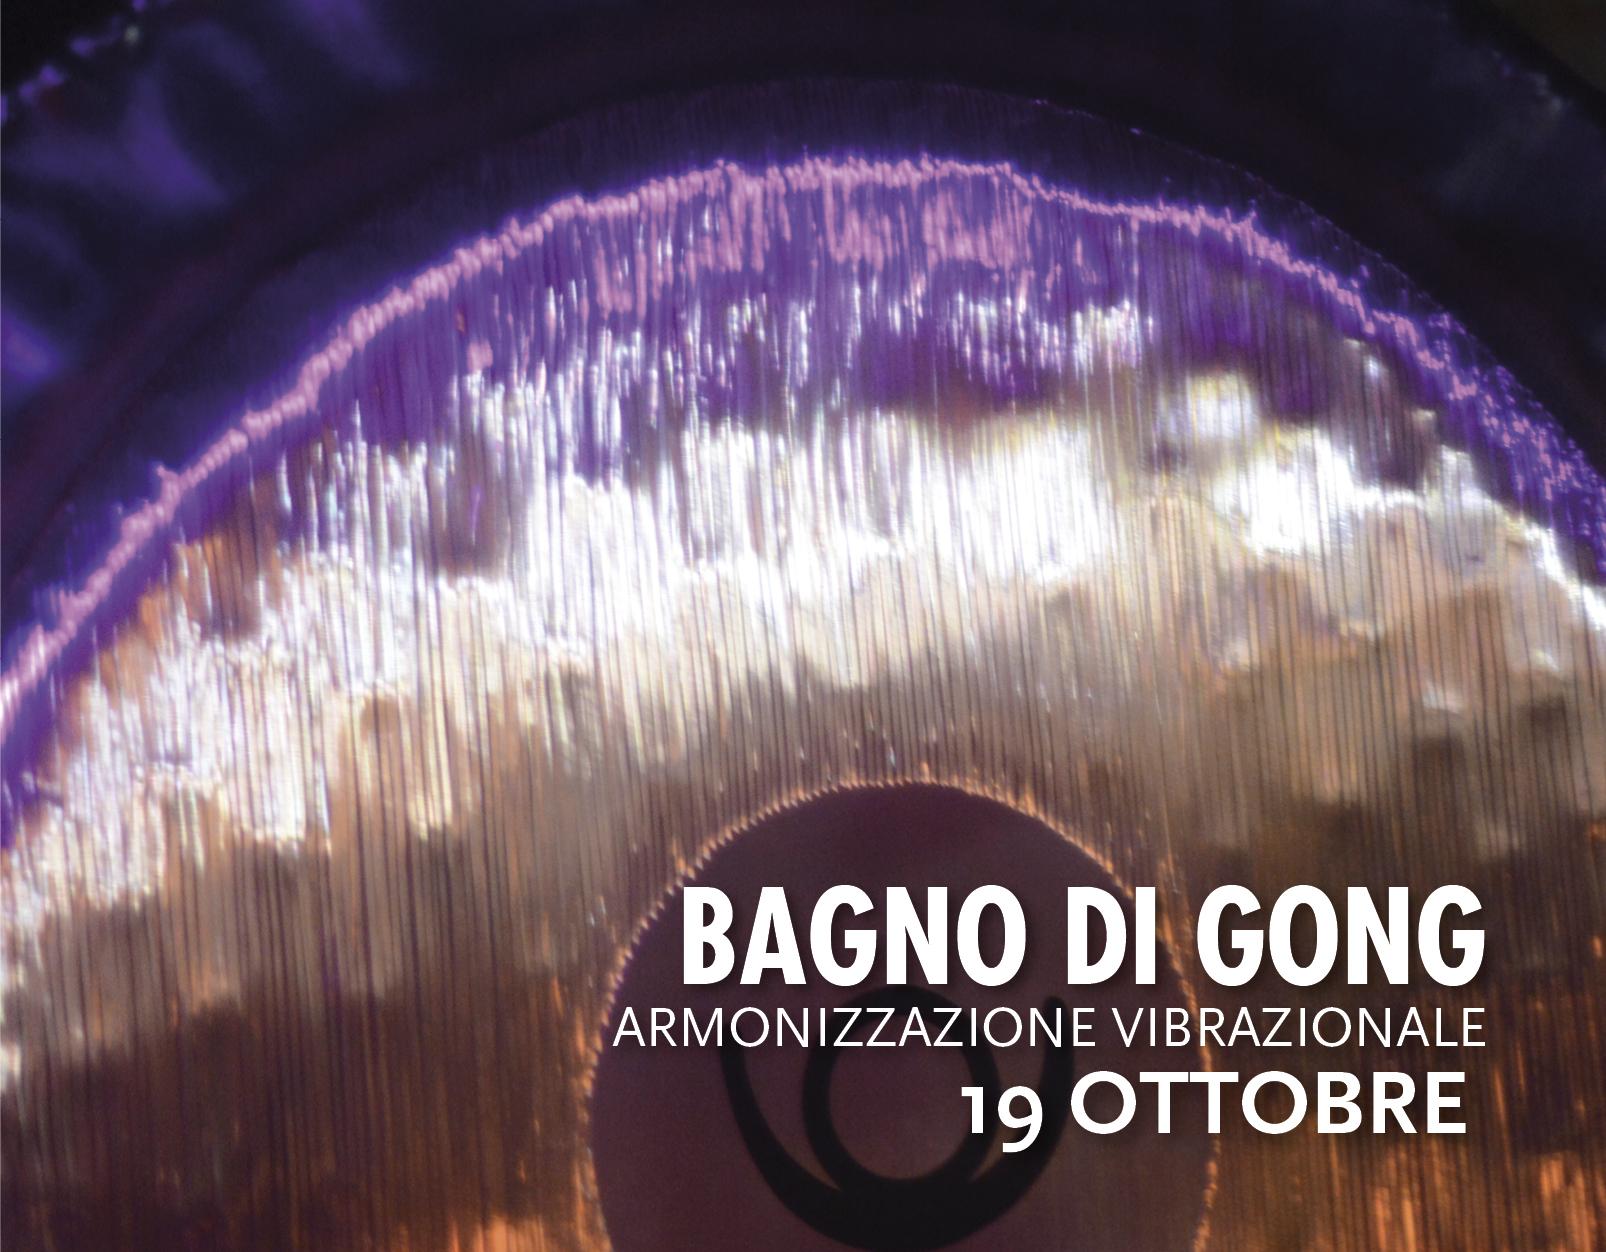 Yawp passioni in movimento l 39 energia delle passioni - Bagno di gong effetti negativi ...